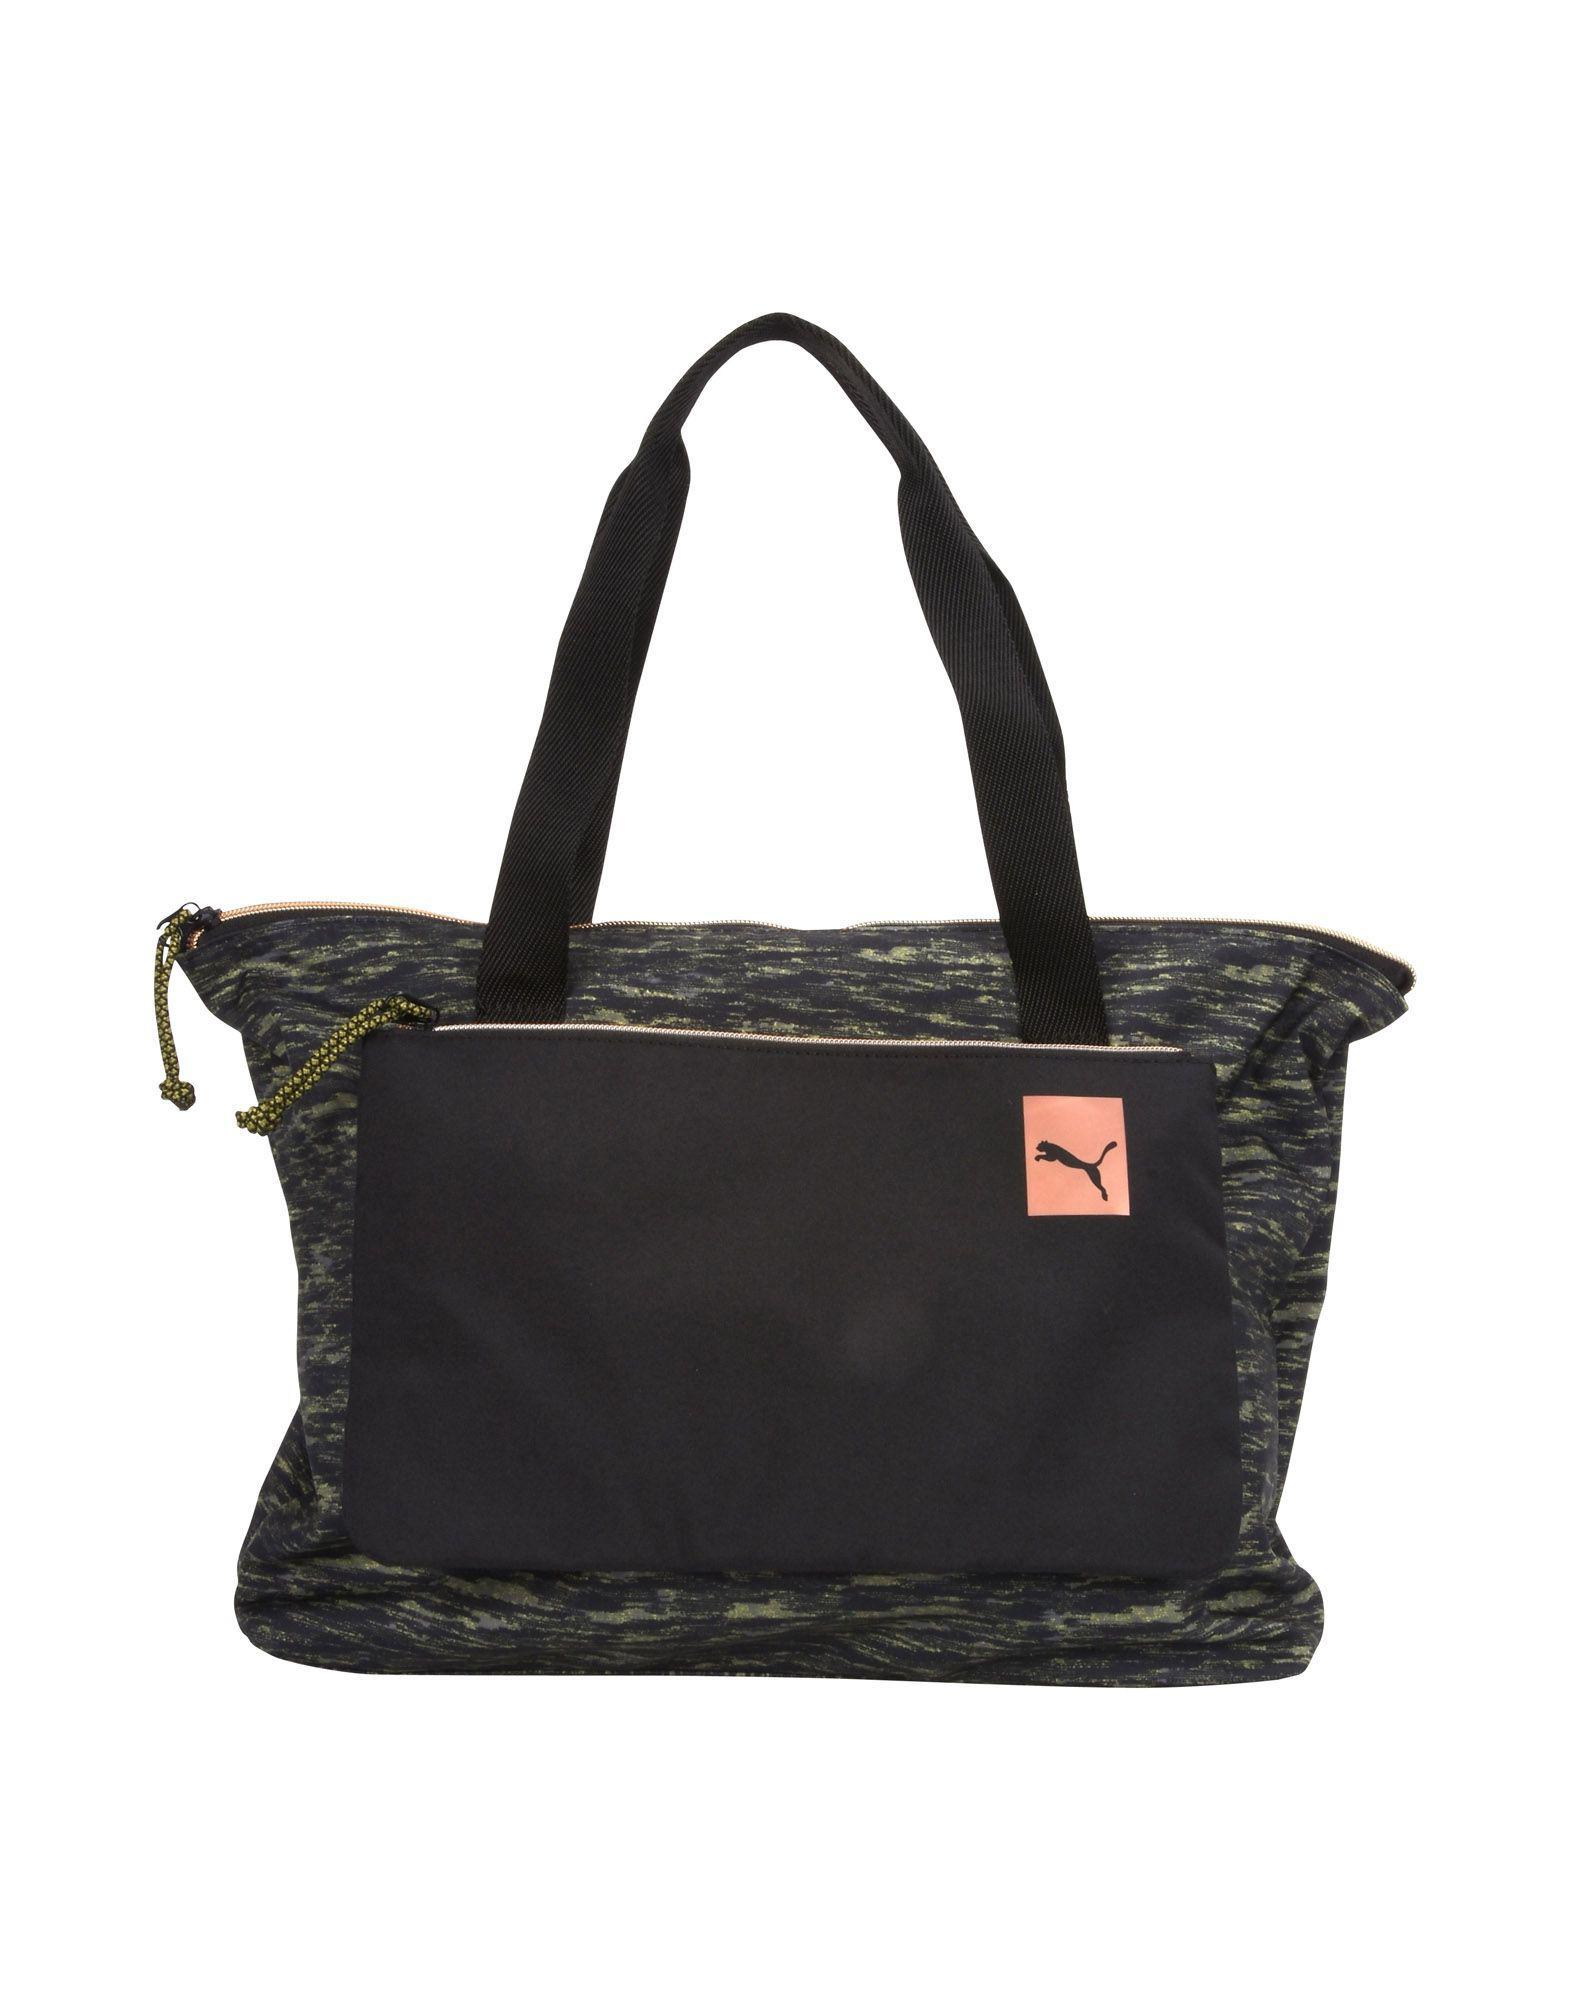 3ae43a1a45 Lyst - Puma Handbag in Black